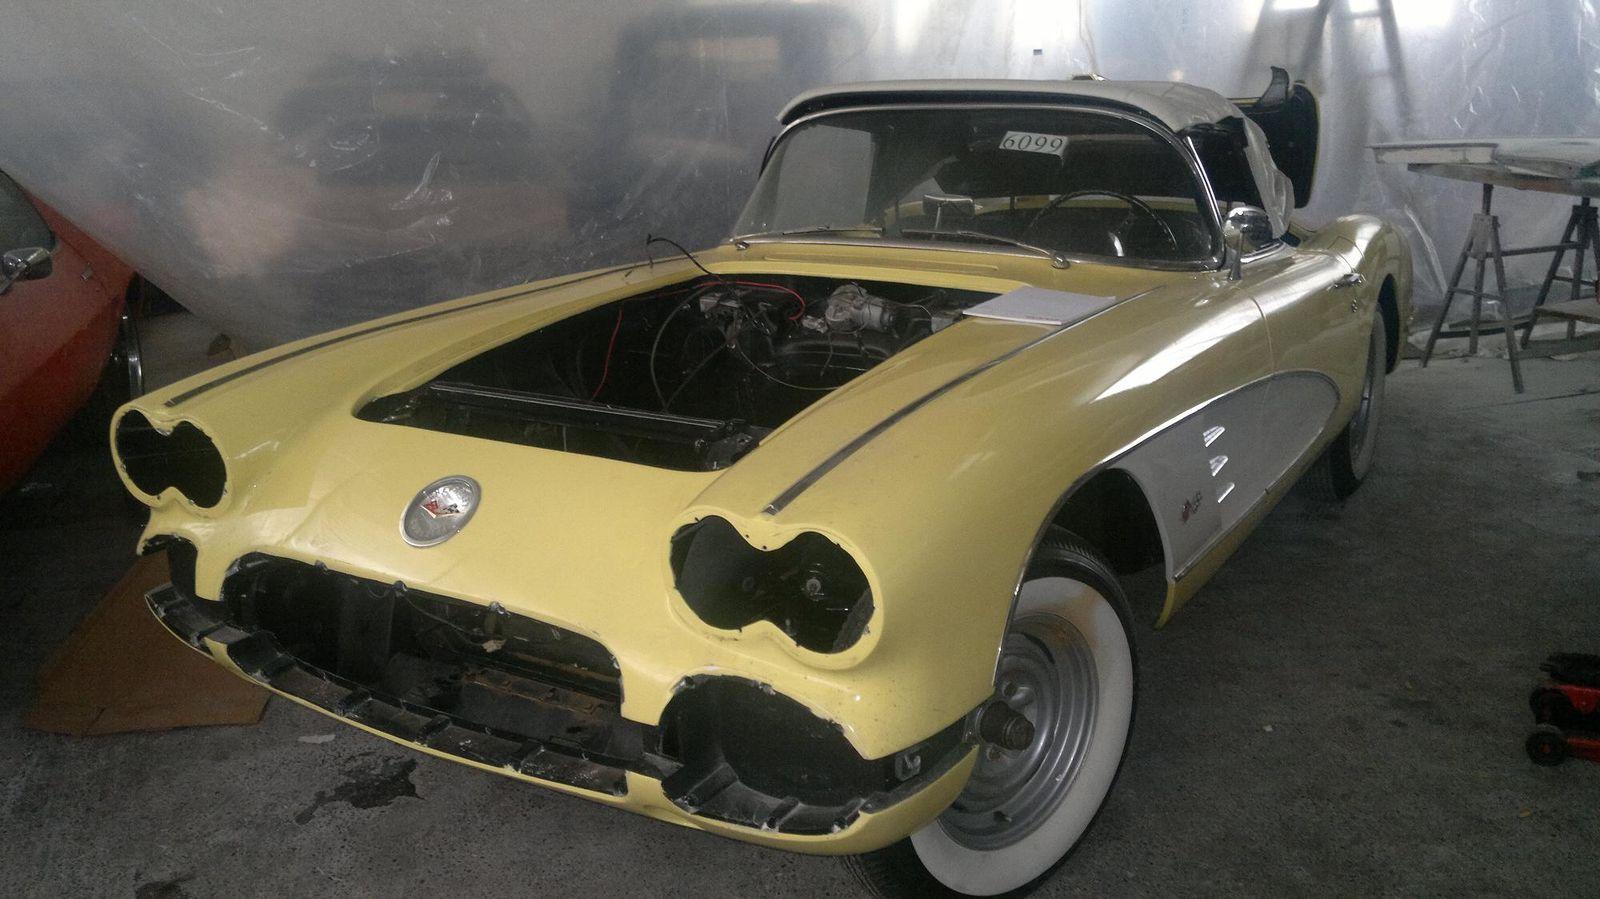 le d montage a commenc restauration d 39 une corvette c1 de 1958. Black Bedroom Furniture Sets. Home Design Ideas